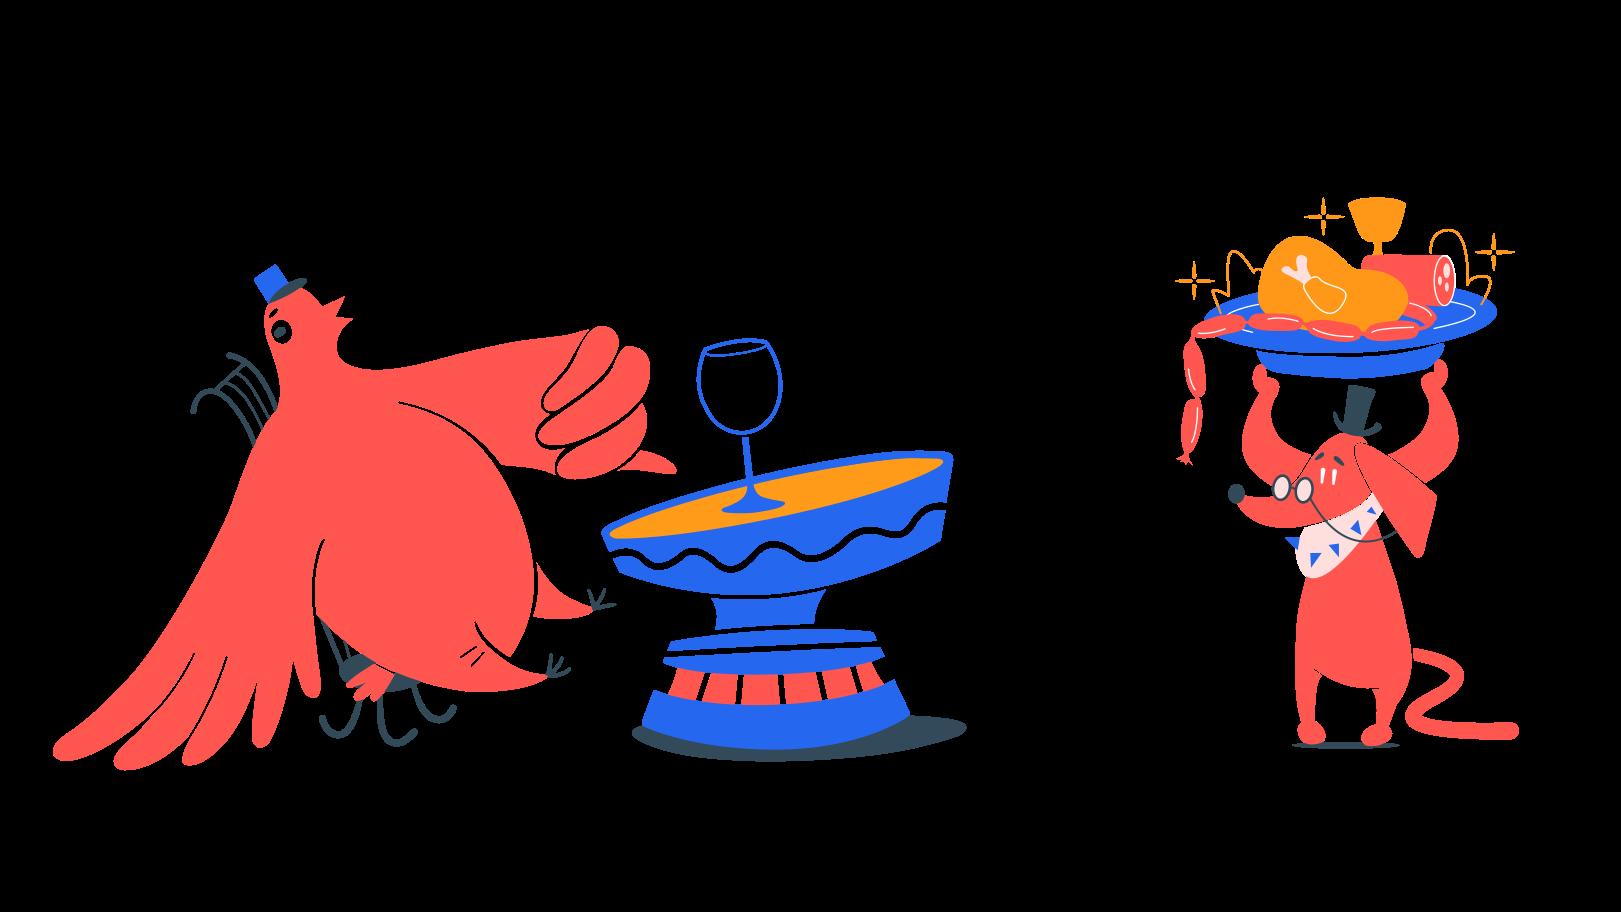 Restaurant Clipart illustration in PNG, SVG